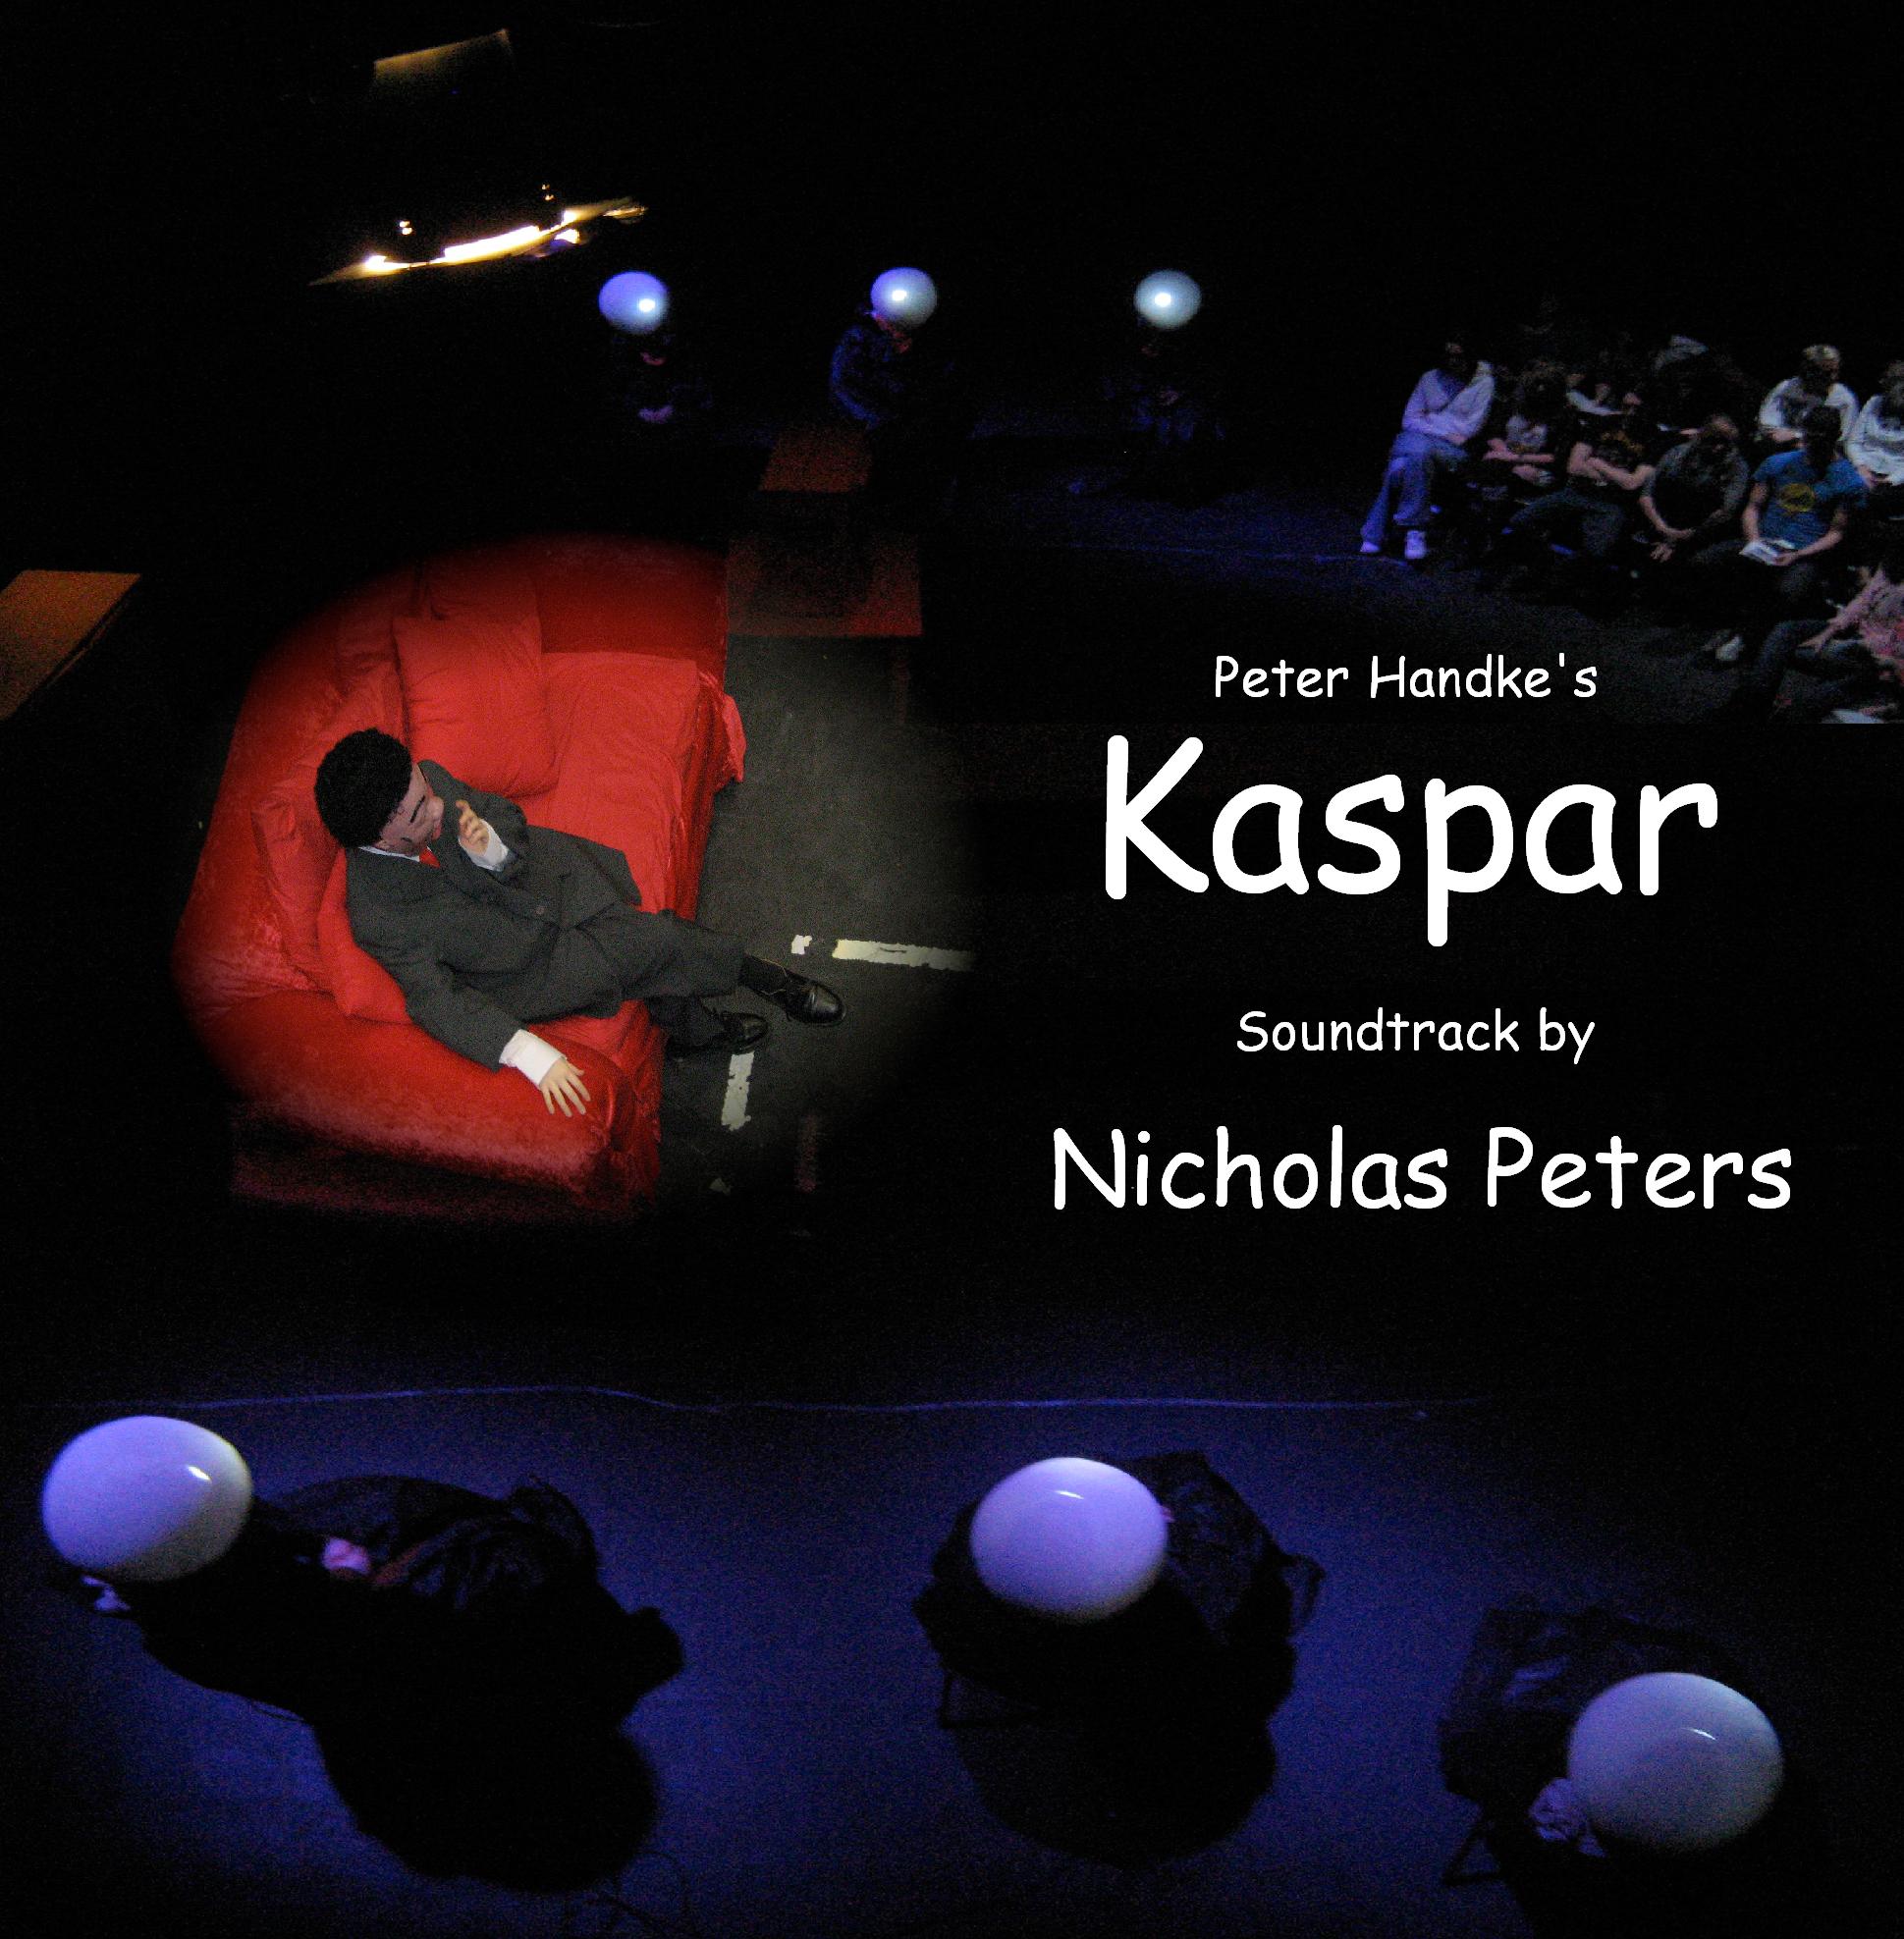 Kaspar Theatre Soundtrack Cover Artwork. Text reads Peter Handke's Kaspar, soundtrack by Nicholas Peters